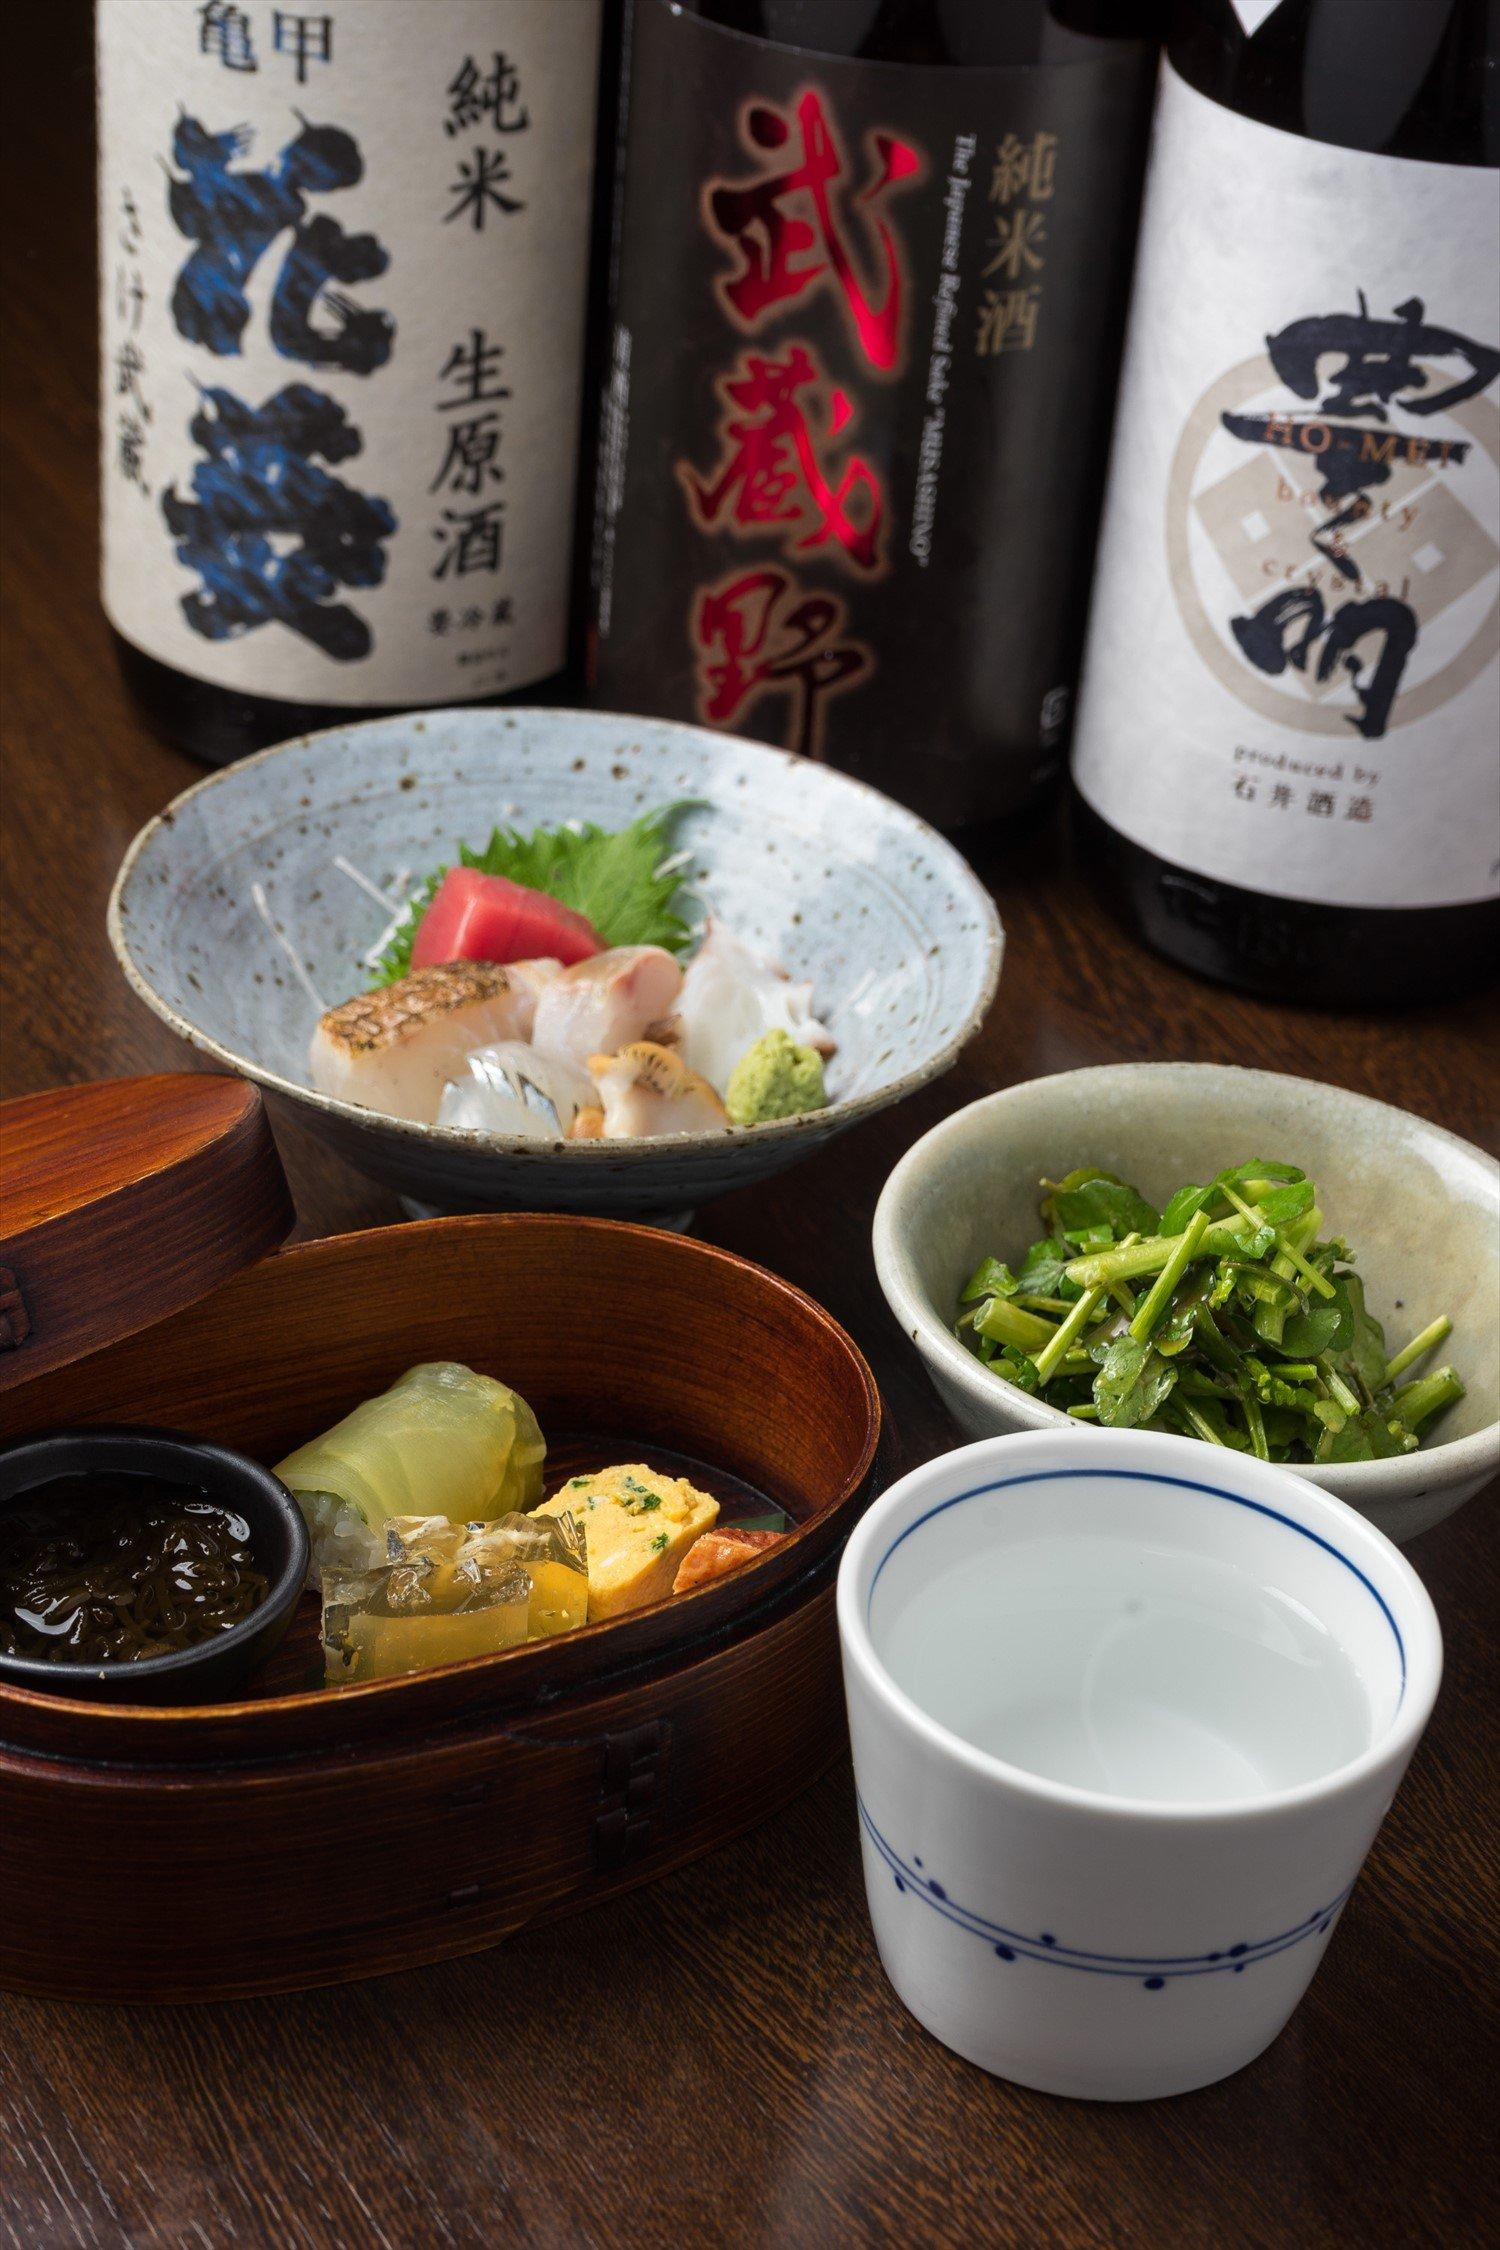 好きな飲み物(日本酒は120ml)と小鉢、刺し身、お通し付きで1700円の晩酌セット。「亀甲花菱」、「武蔵野」、「豊明」など酒の単品は120mlで550円(夜は+消費税)。